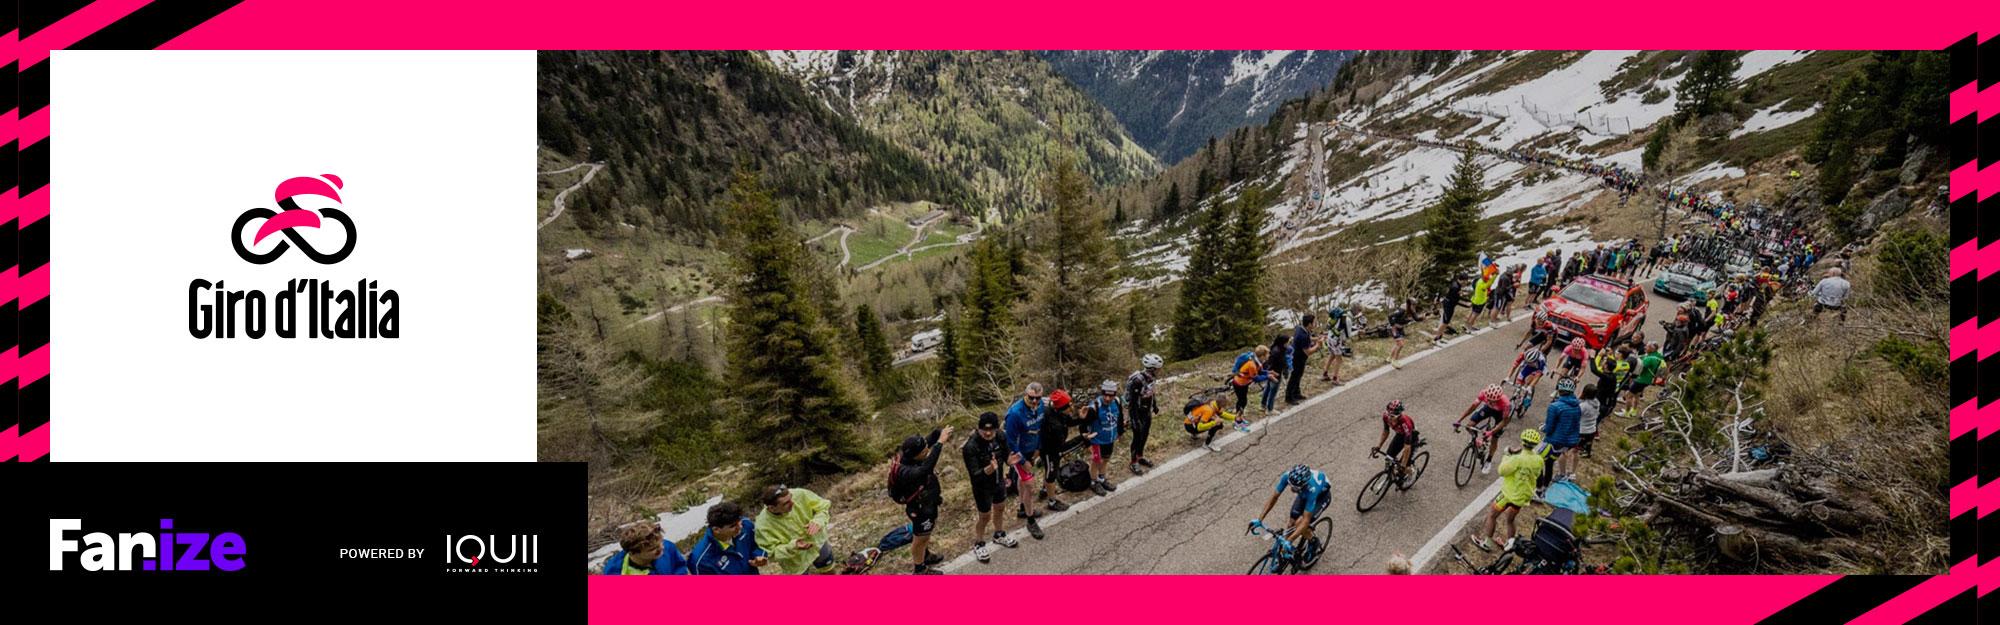 Gioca e vinci con il Giro d'Italia. RCS Sport e IQUII insieme per la Corsa Rosa